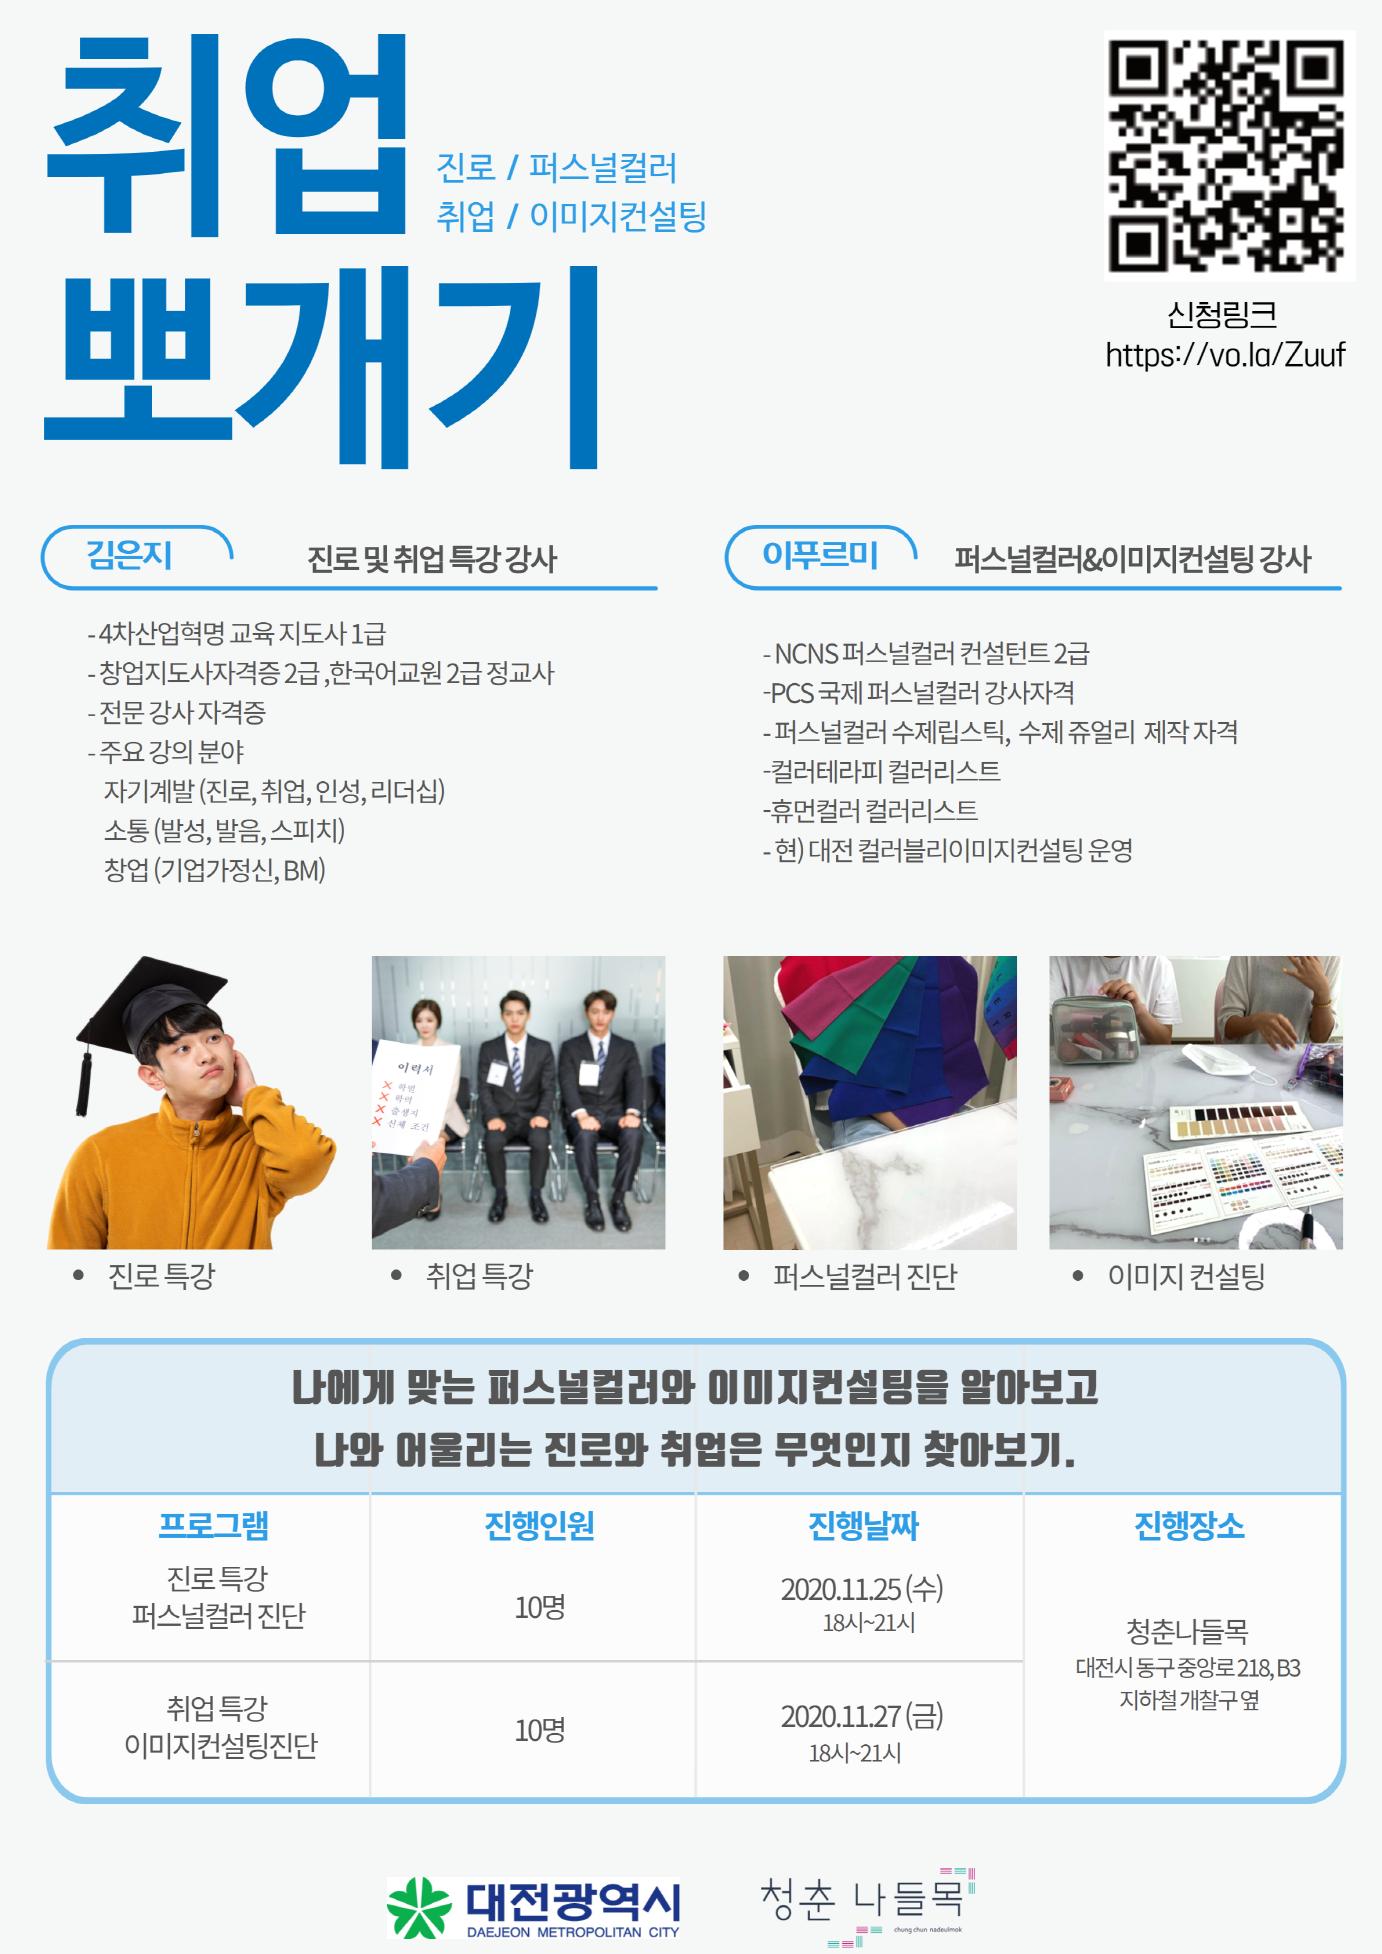 취업뽀개기 : 진로&퍼스널컬러(11월 25일) / 취업&이미지컨설팅(11월 27일)